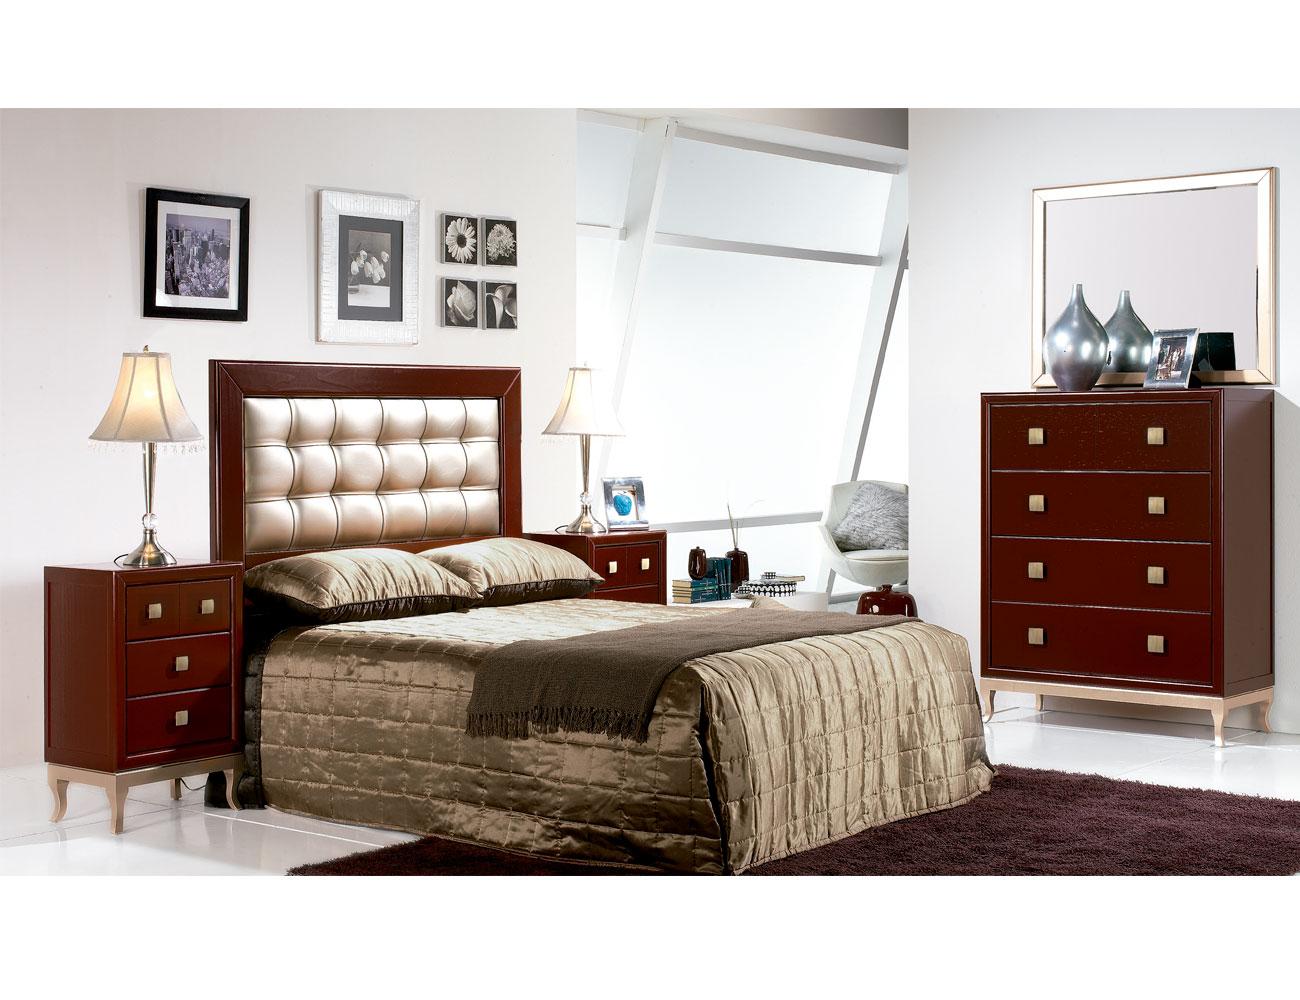 Composicion 10 dormitorio matrimonio comoda cabecero tapizado1